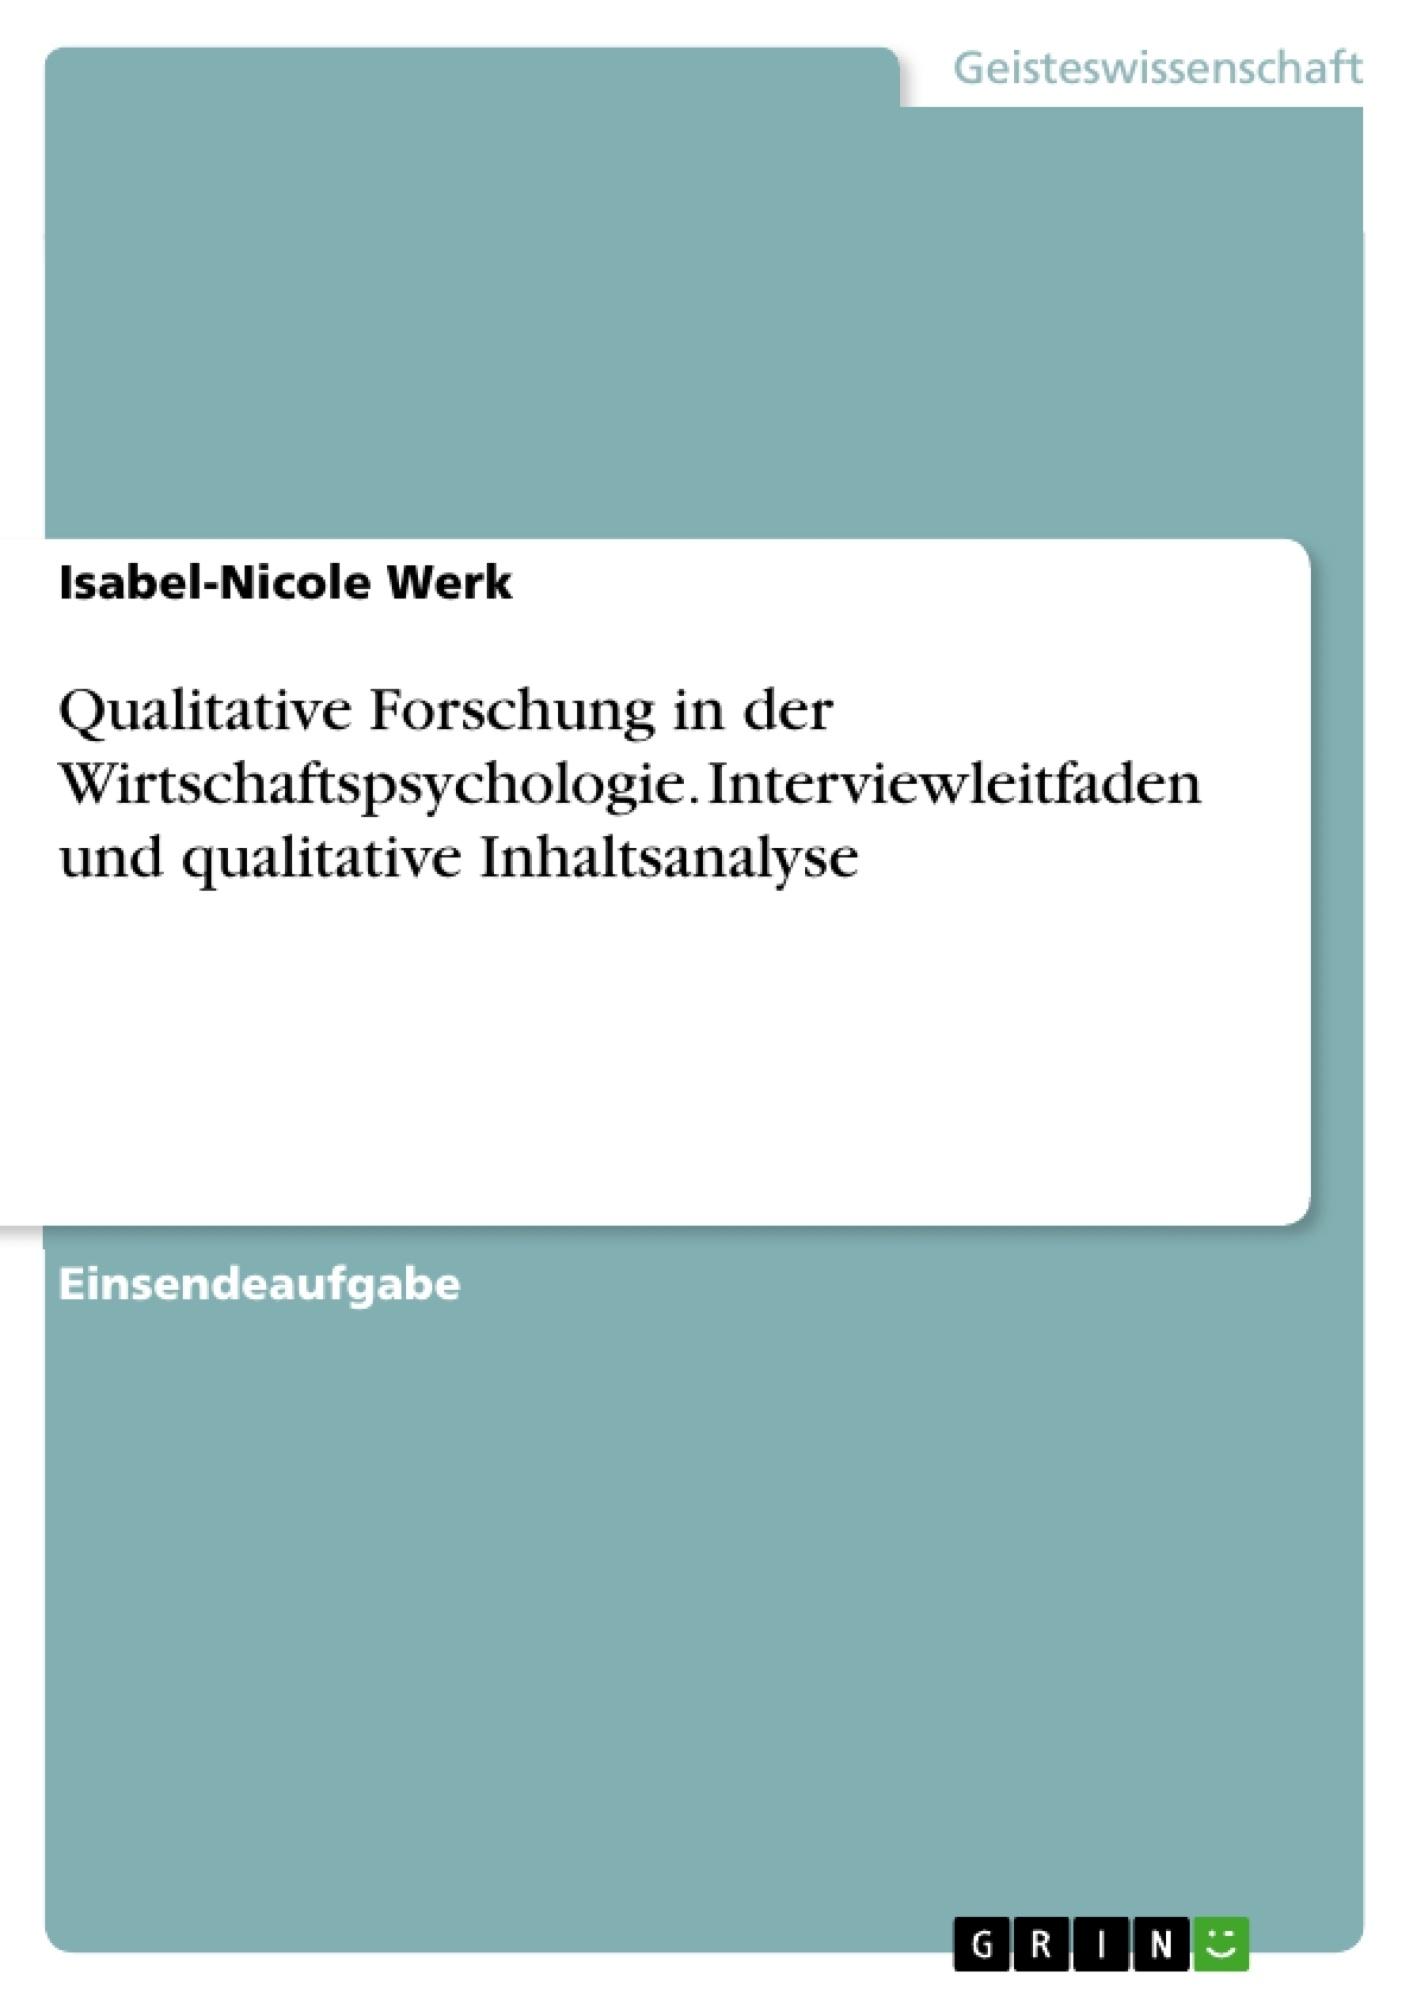 Titel: Qualitative Forschung in der Wirtschaftspsychologie. Interviewleitfaden und qualitative Inhaltsanalyse